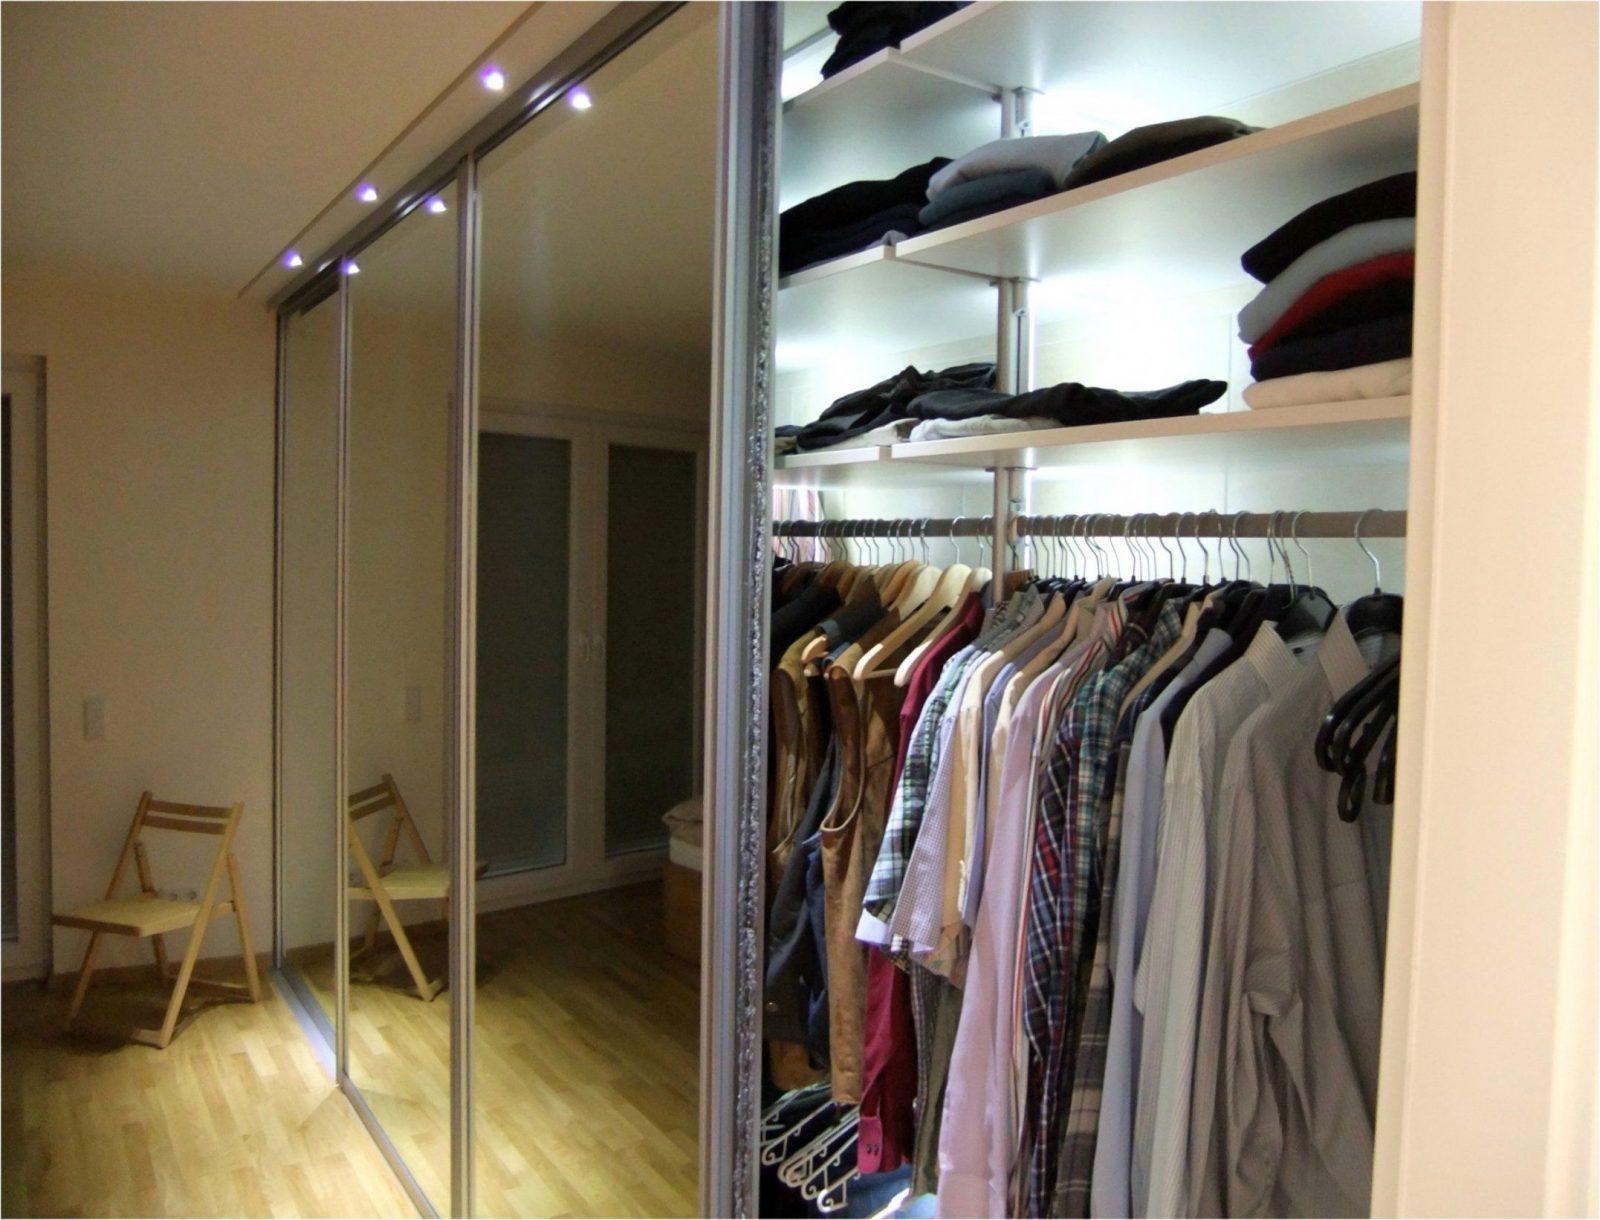 Tolle Ikea Kleiderschrank Nach Maß Günstig Für Luxus Kleiderschrank von Schrank Nach Maß Ikea Bild